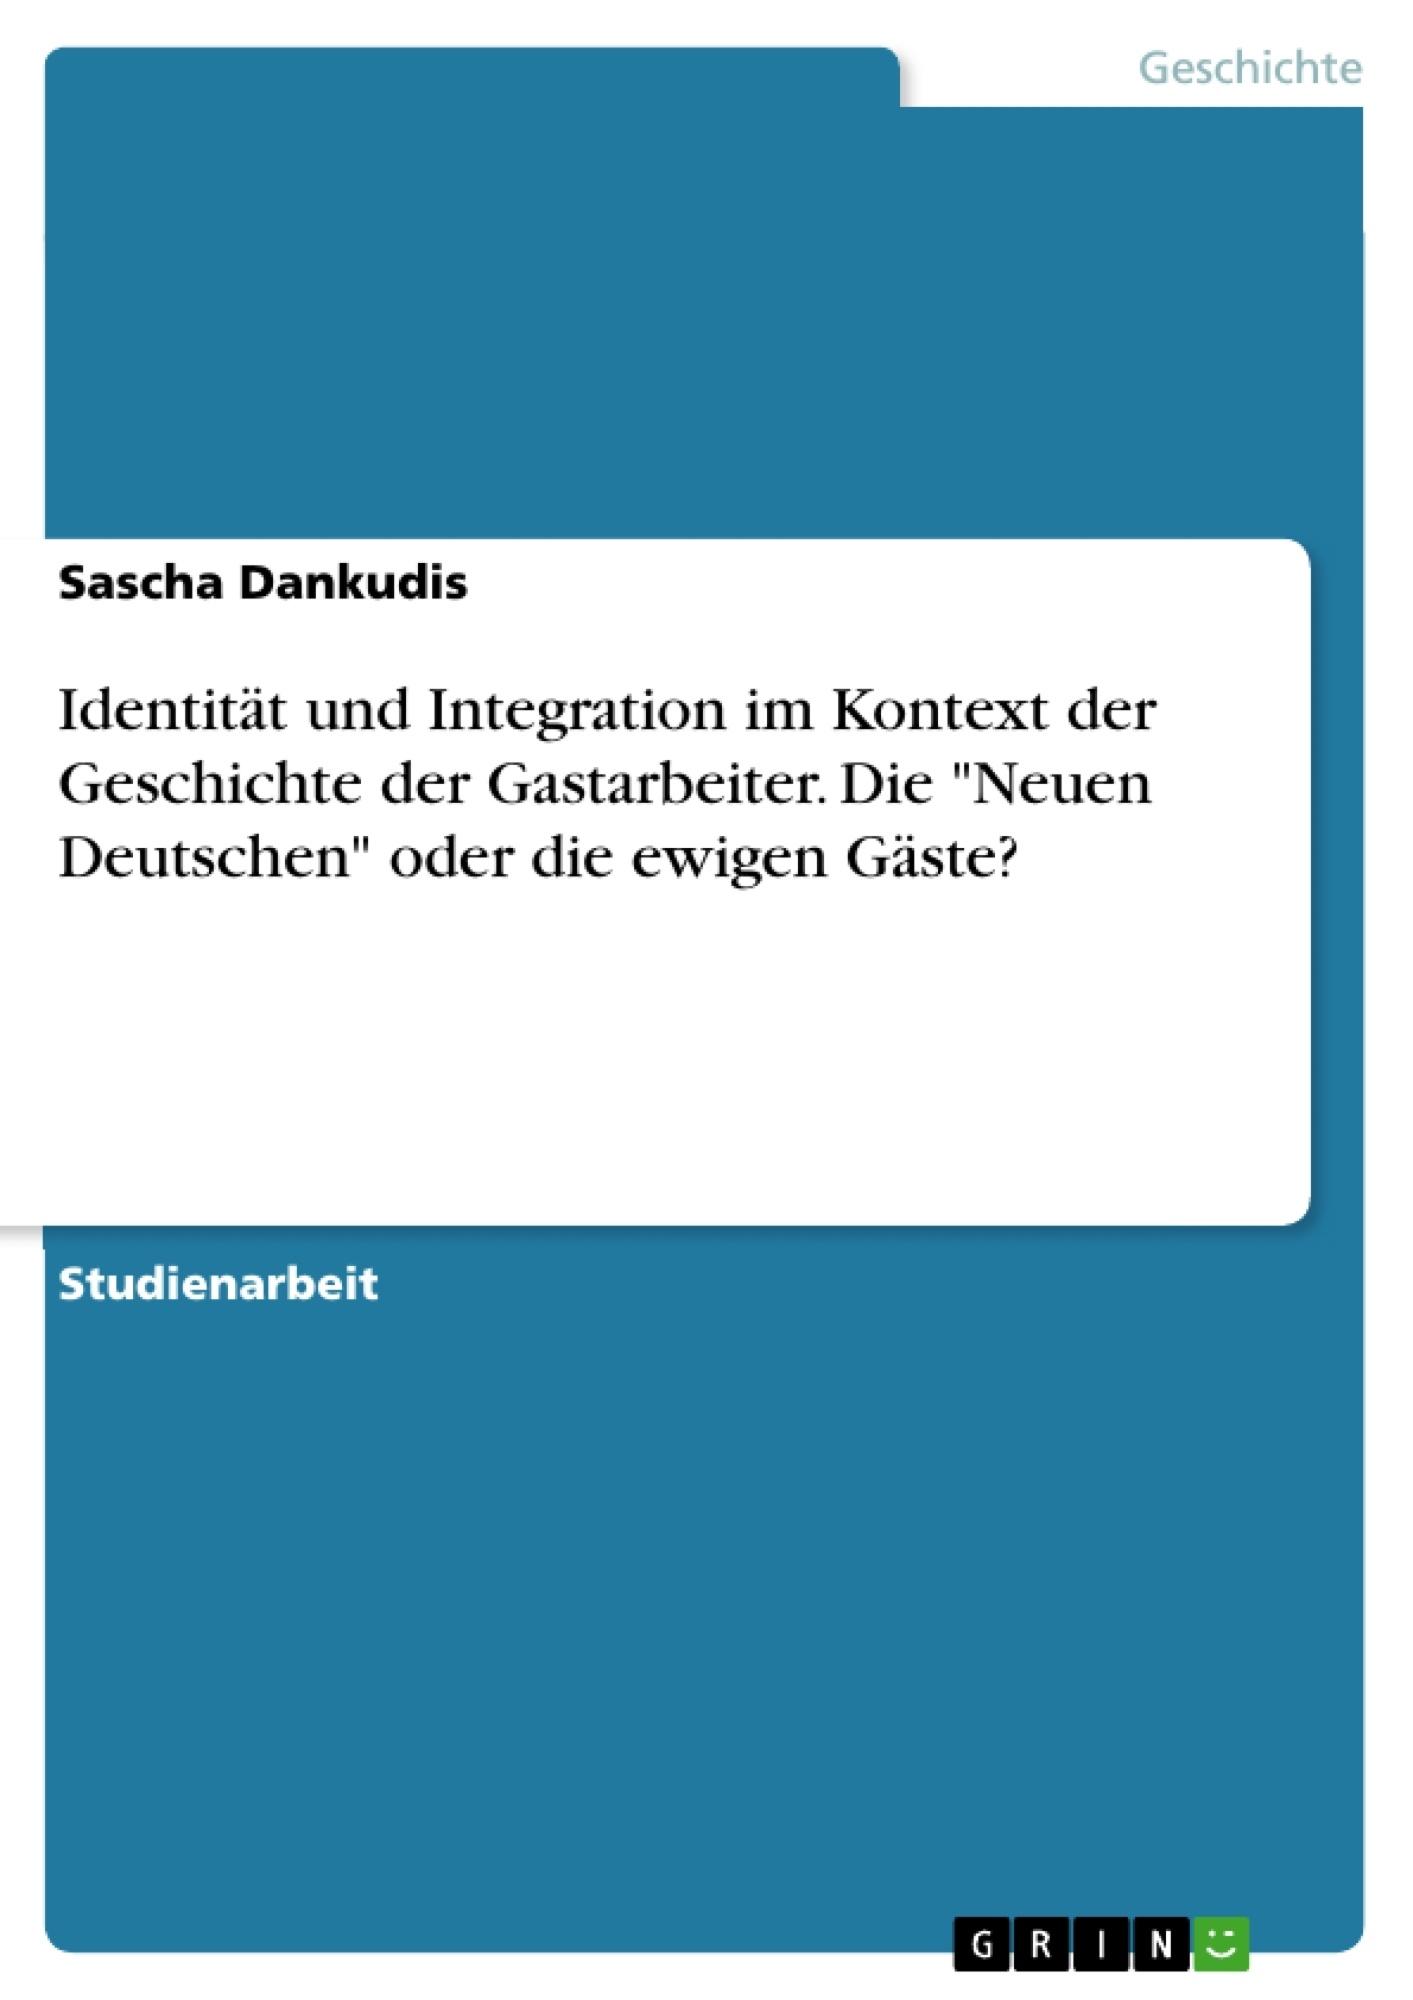 """Titel: Identität und Integration im Kontext der Geschichte der Gastarbeiter. Die """"Neuen Deutschen"""" oder die ewigen Gäste?"""